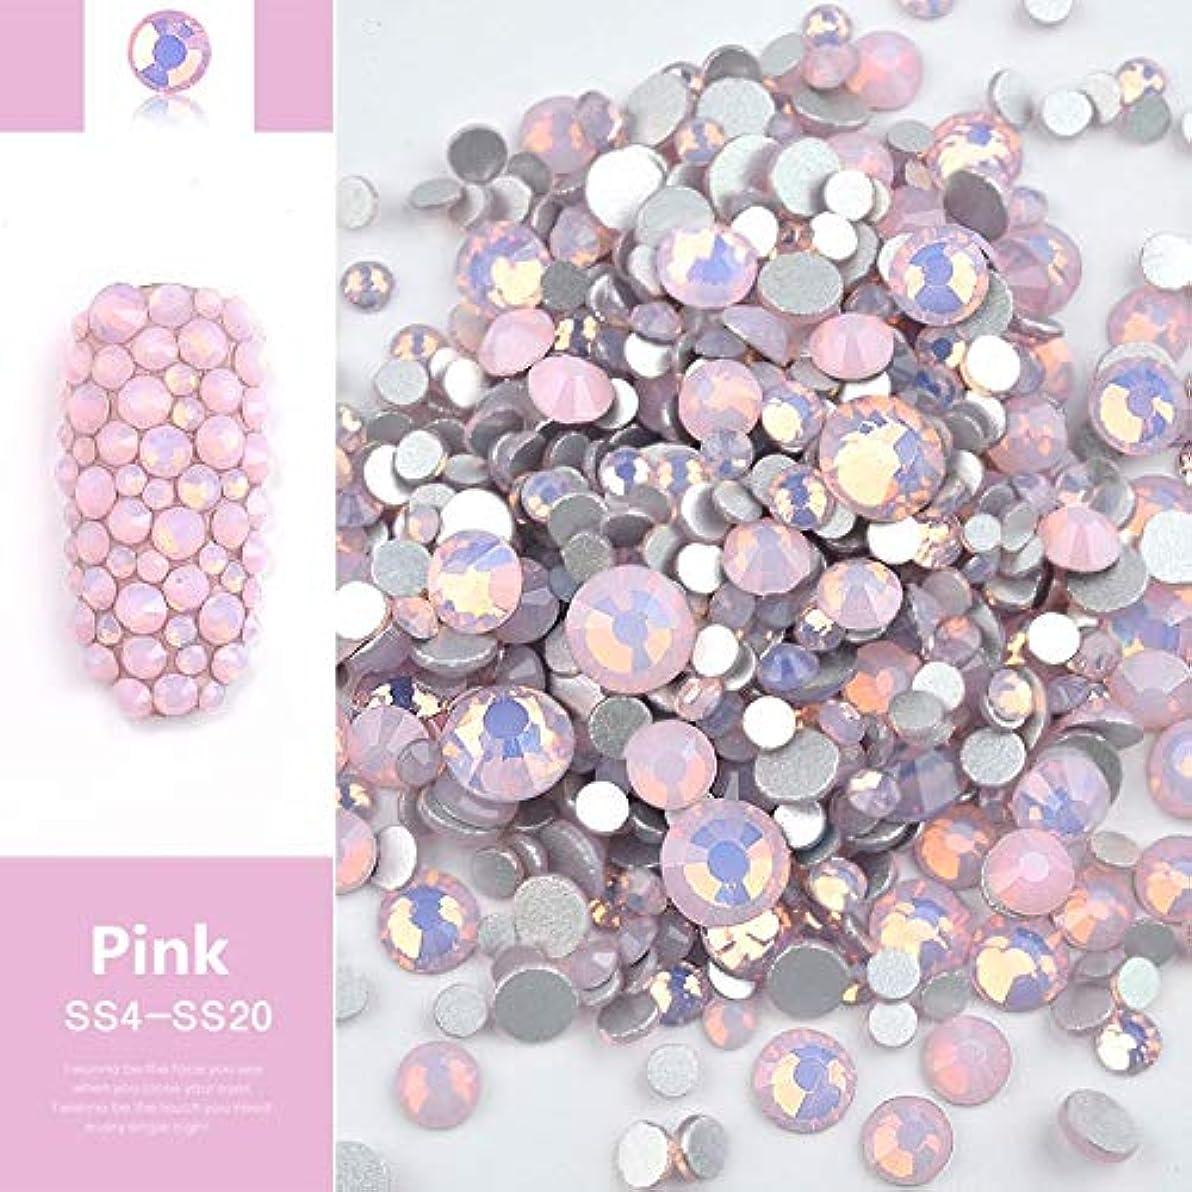 期限切れ風呼吸Jiaoran ビーズ樹脂クリスタルラウンドネイルアートミックスフラットバックアクリルラインストーンミックスサイズ1.5-4.5 mm装飾用ネイル (Color : Pink)